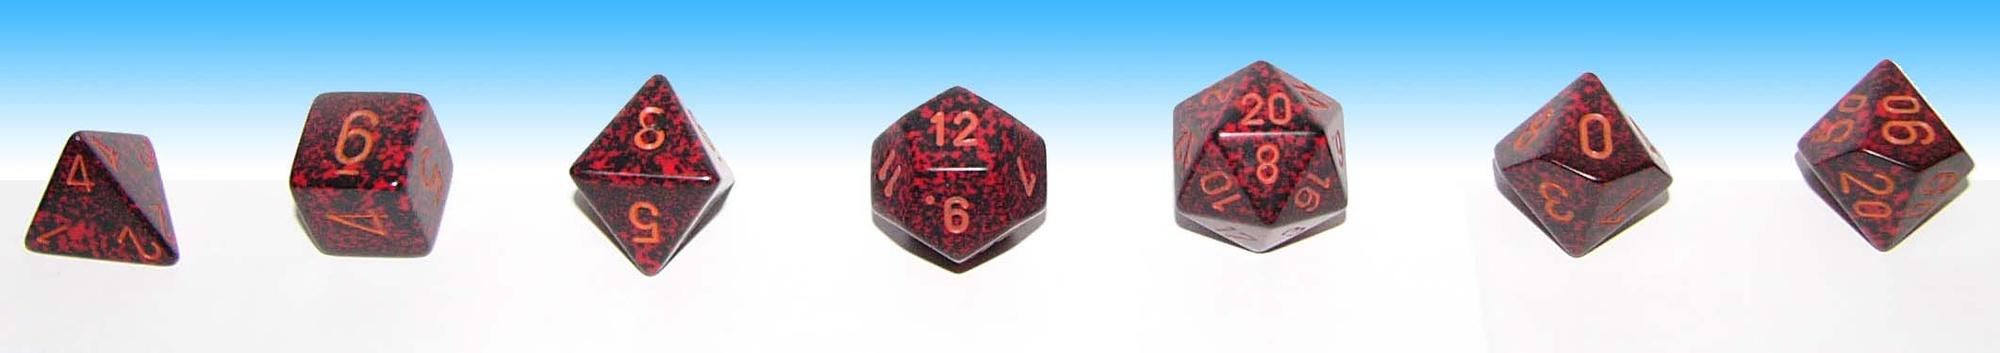 A set of D&D dice